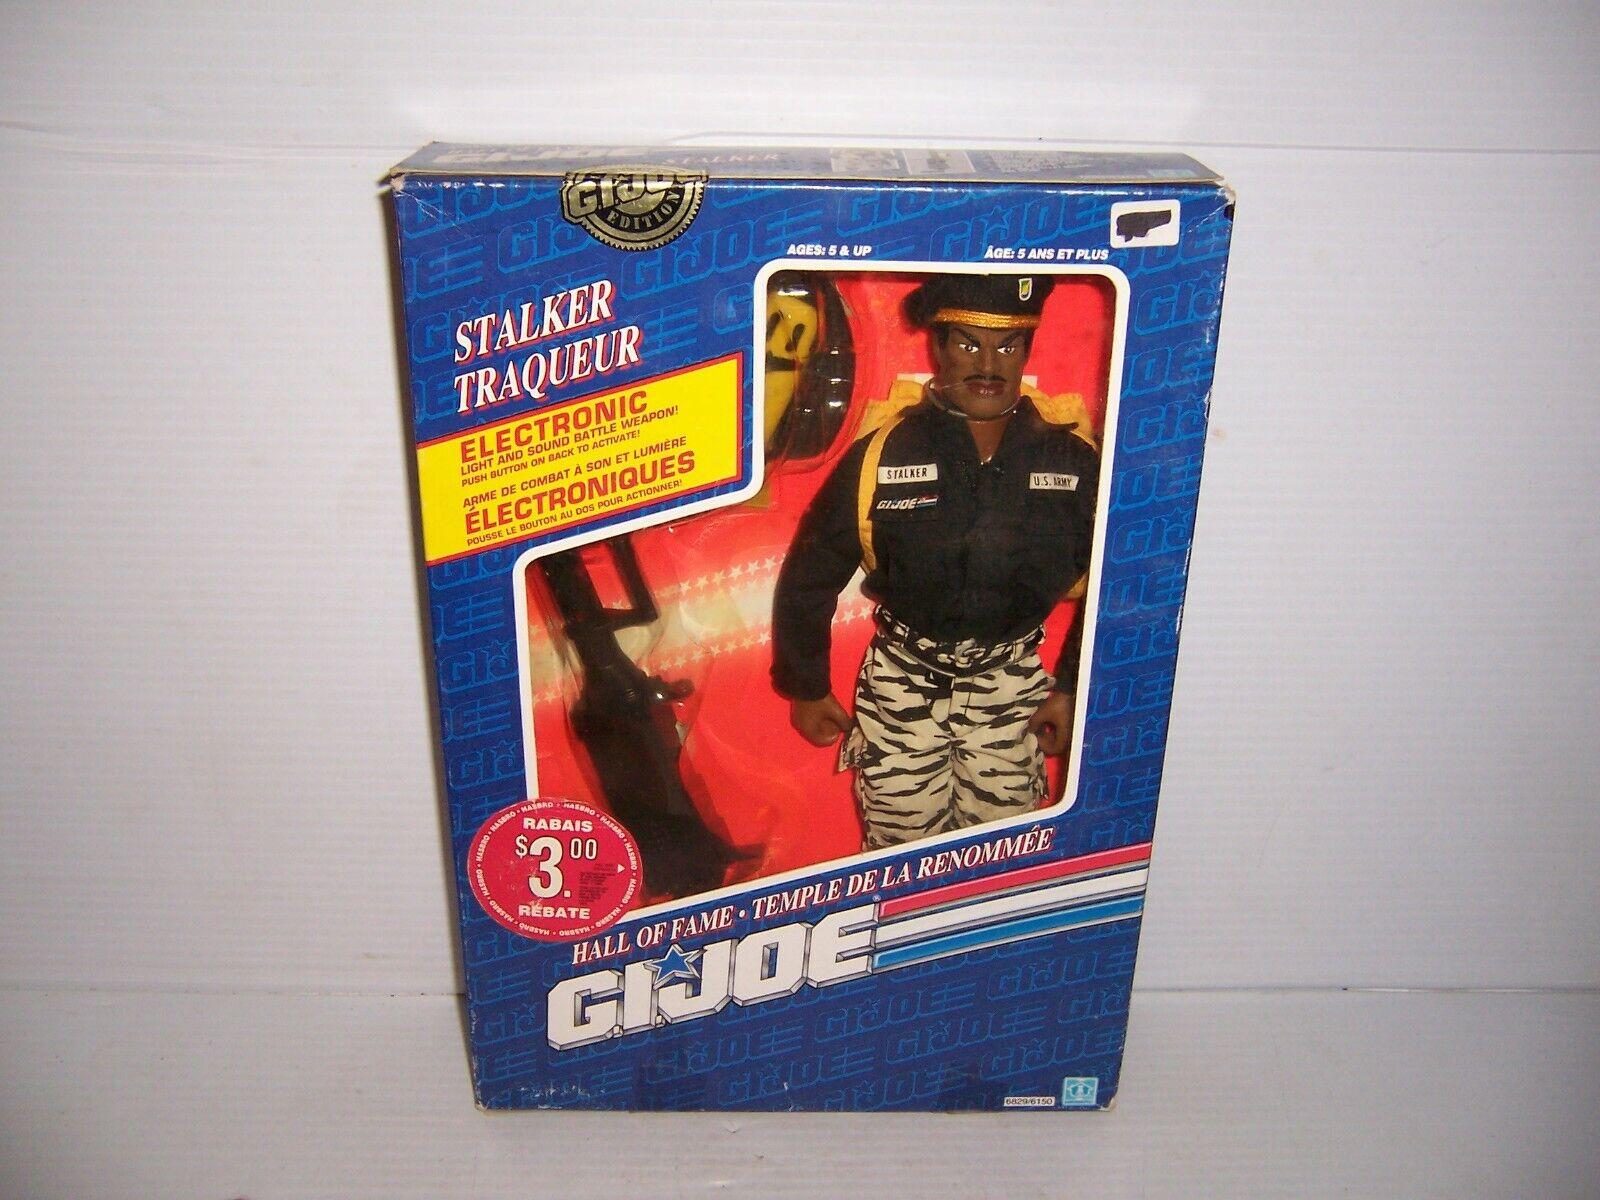 1992 Hasbro GI Joe Htutti of Fame  Collector's edizione Stalker 12  cifra  promozioni